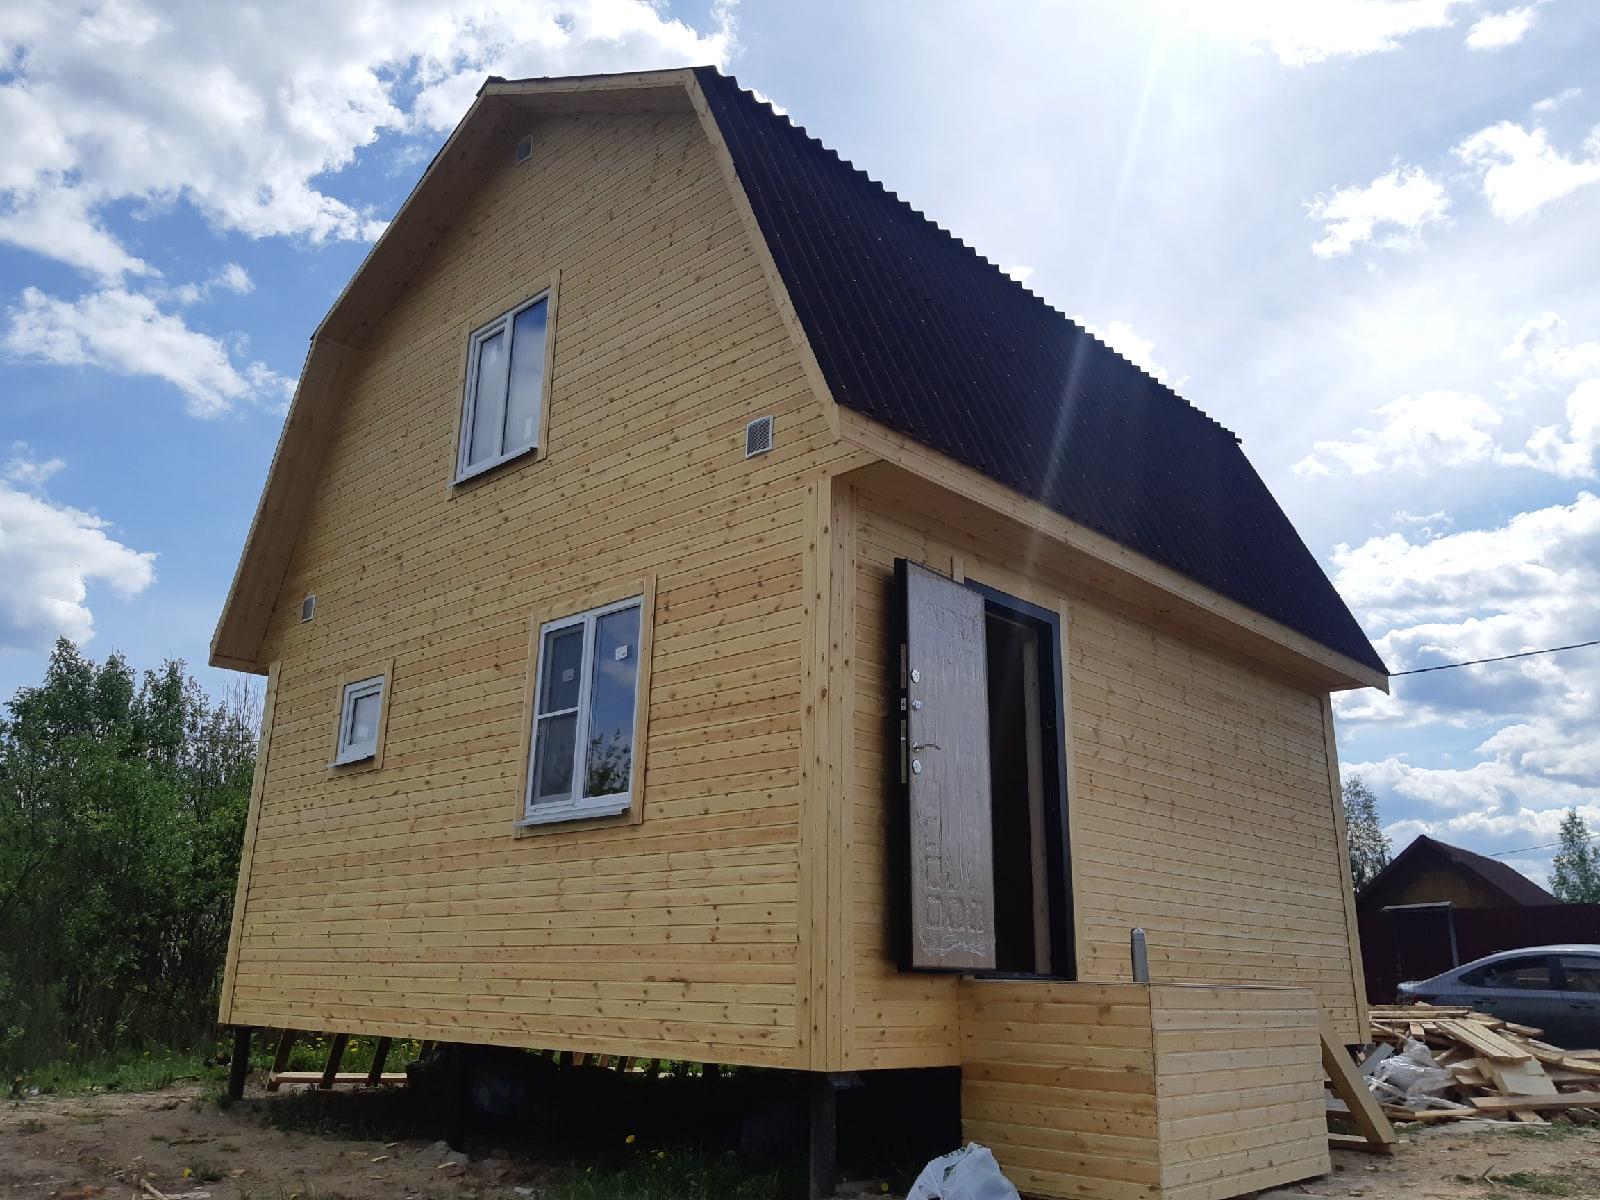 Каркасный дом 6х6м с мансардным этажом, д.Горынево Новгородской области